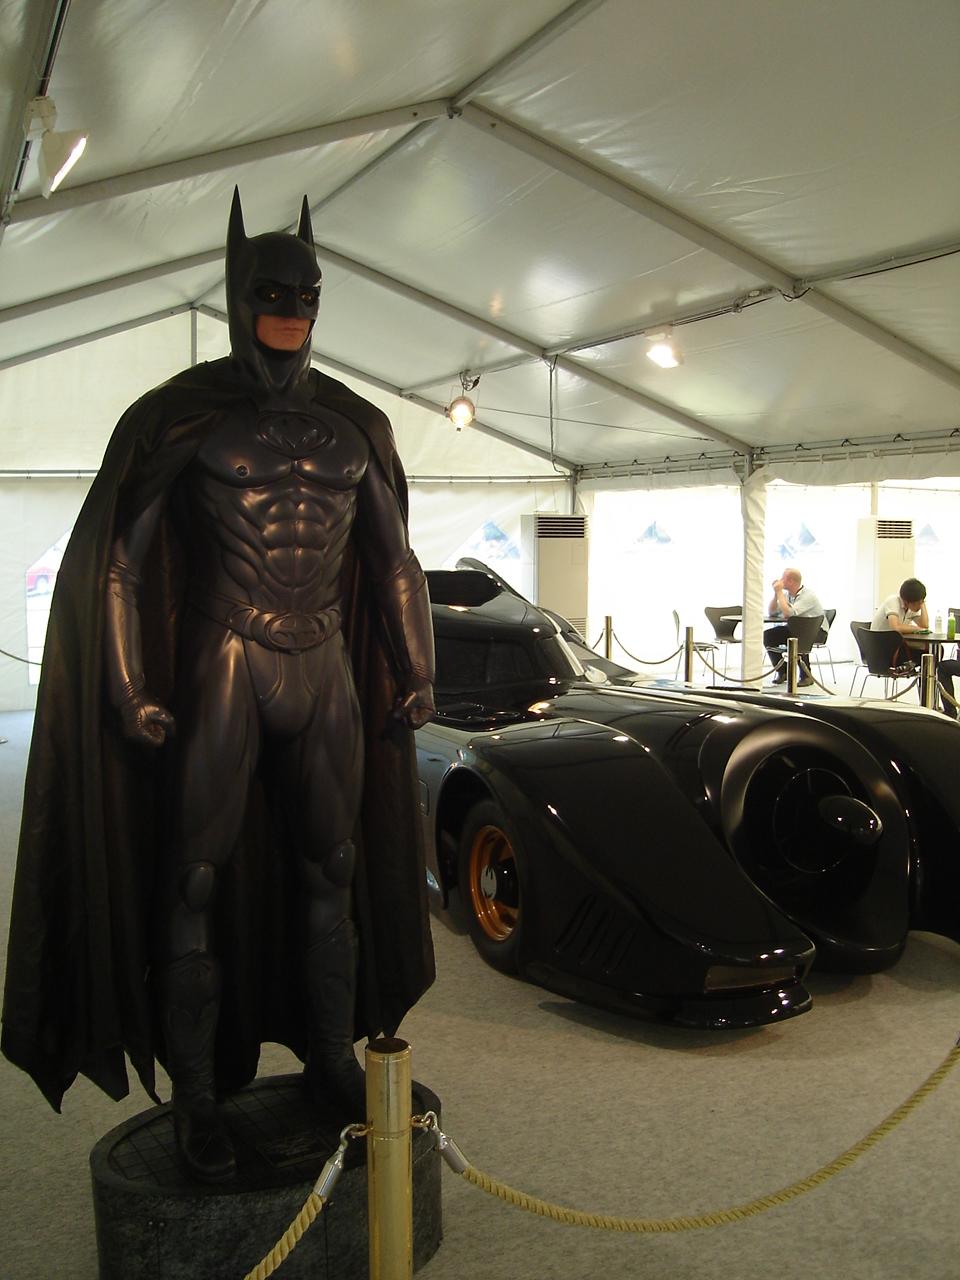 バットマンカーか 懐かしい。_e0003660_23247100.jpg